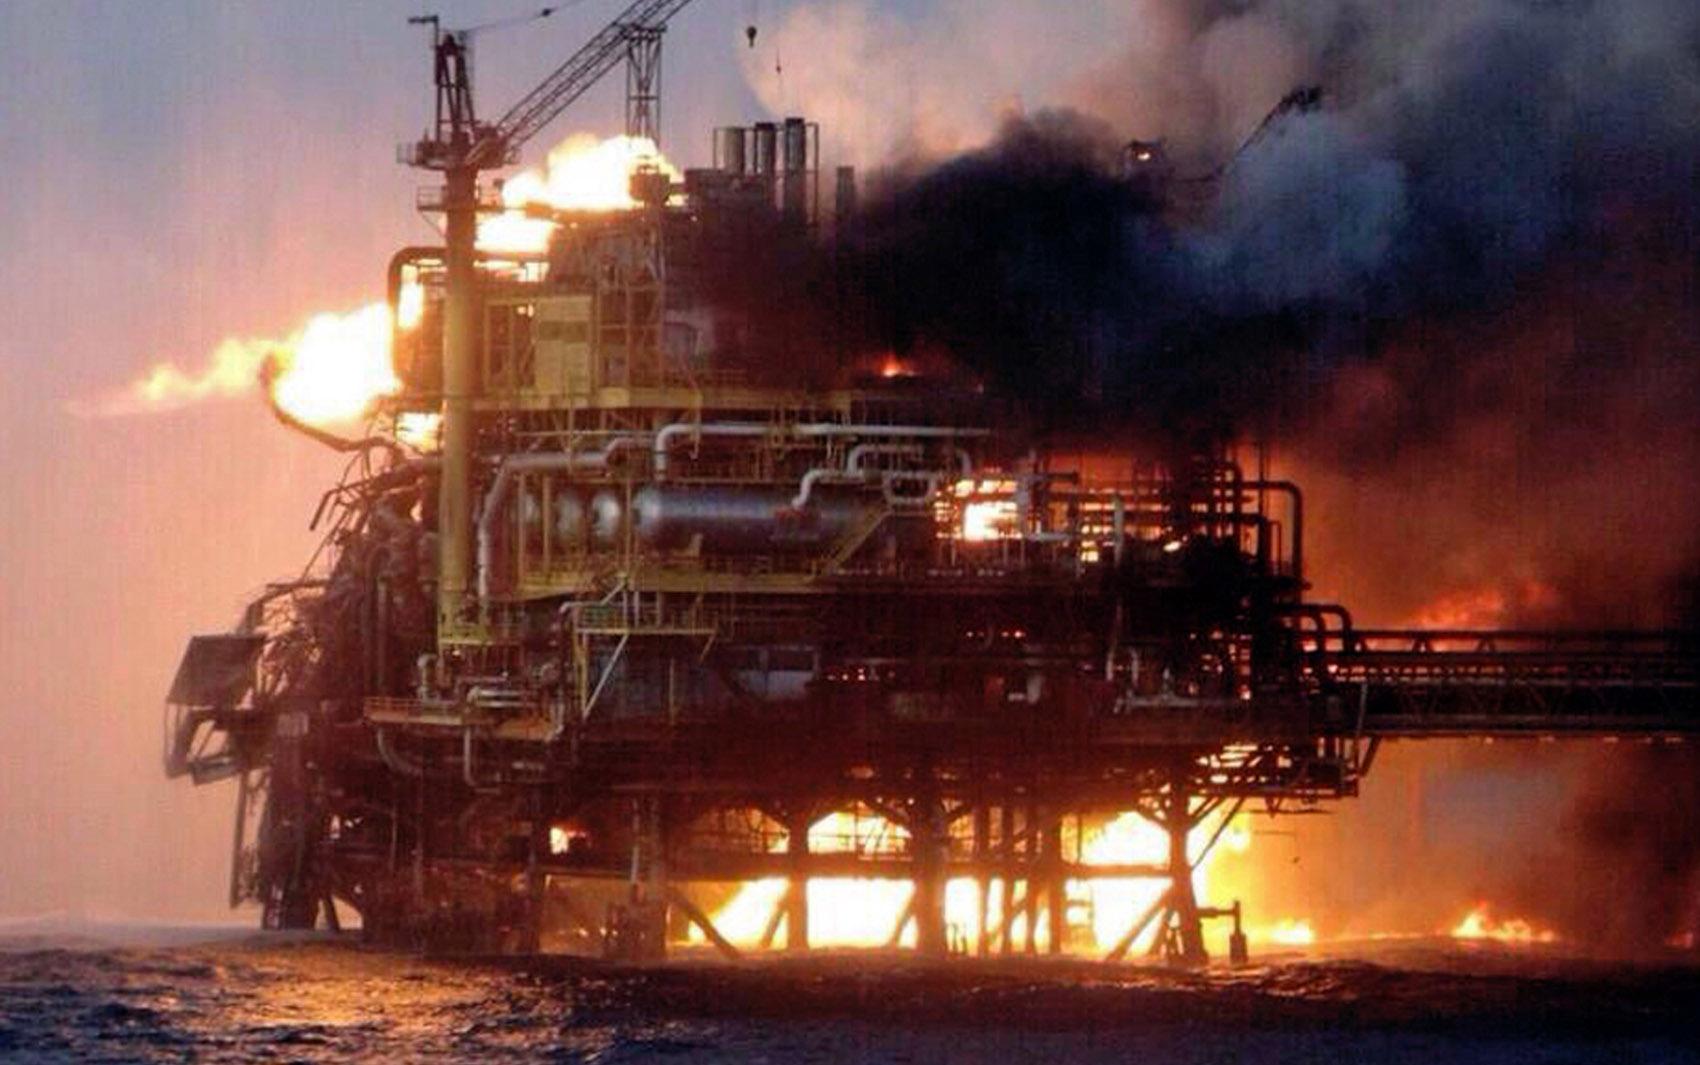 Plataforma de petróleo pega fogo no golfo do México. Pelo menos 4 trabalhadores morreram, 16 ficaram feridos e 300 foram forçados a evacuar o local